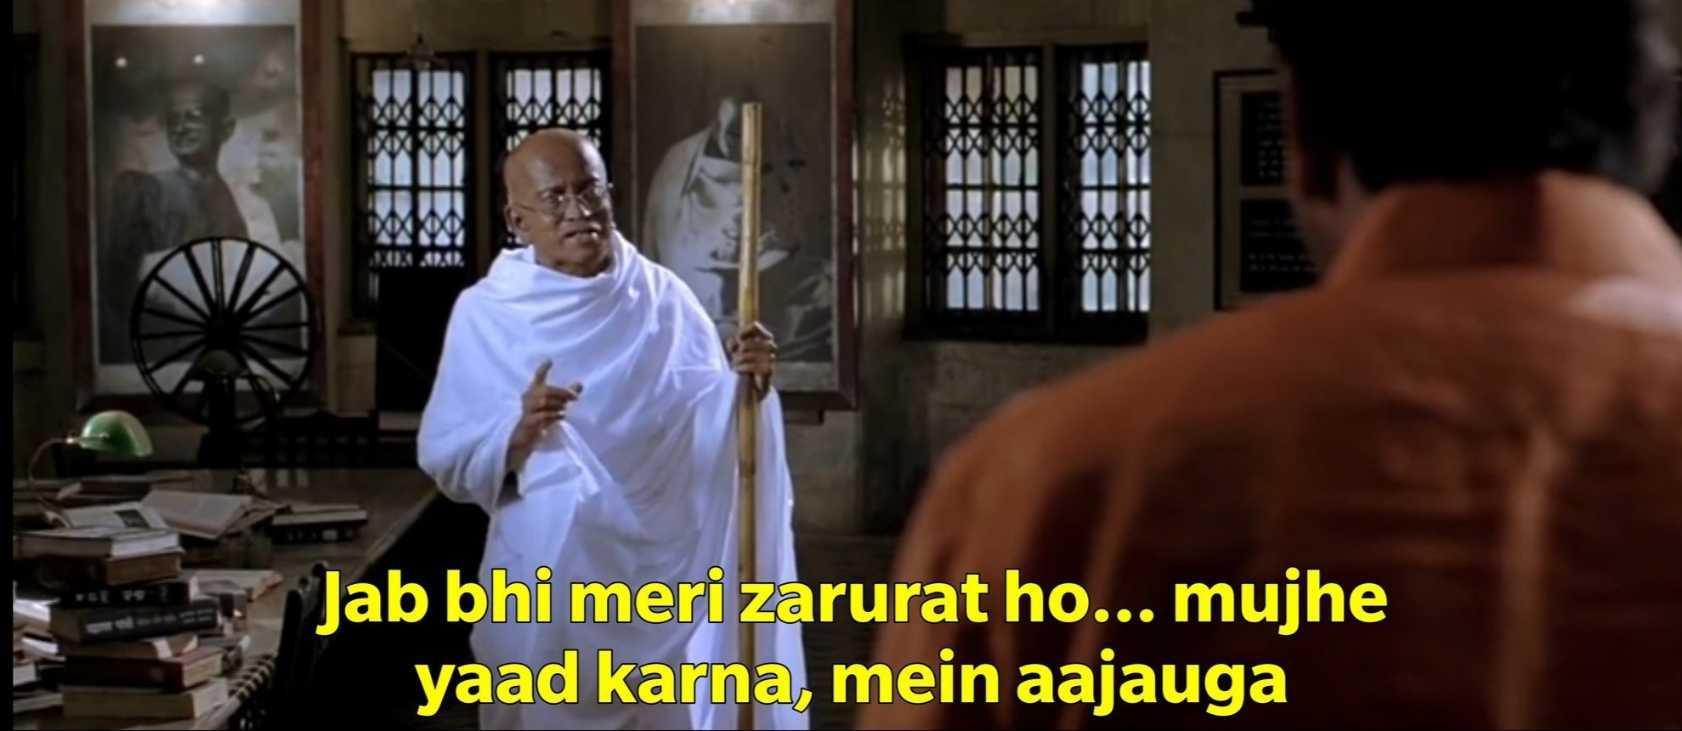 jab meri zaroorat ho muje yad karna mein aa jaunga munna bhai meme template